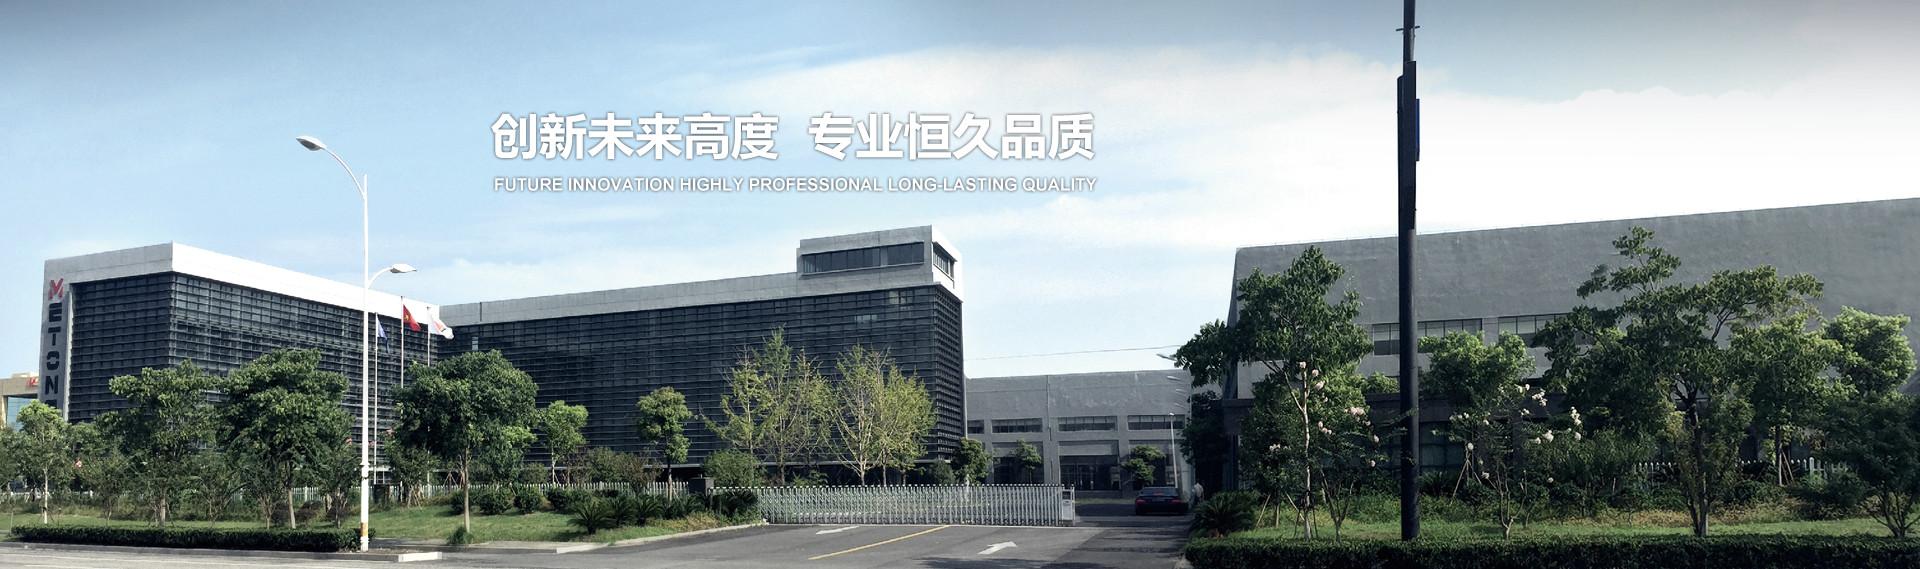 浙江美通筑路机械股份有限公司